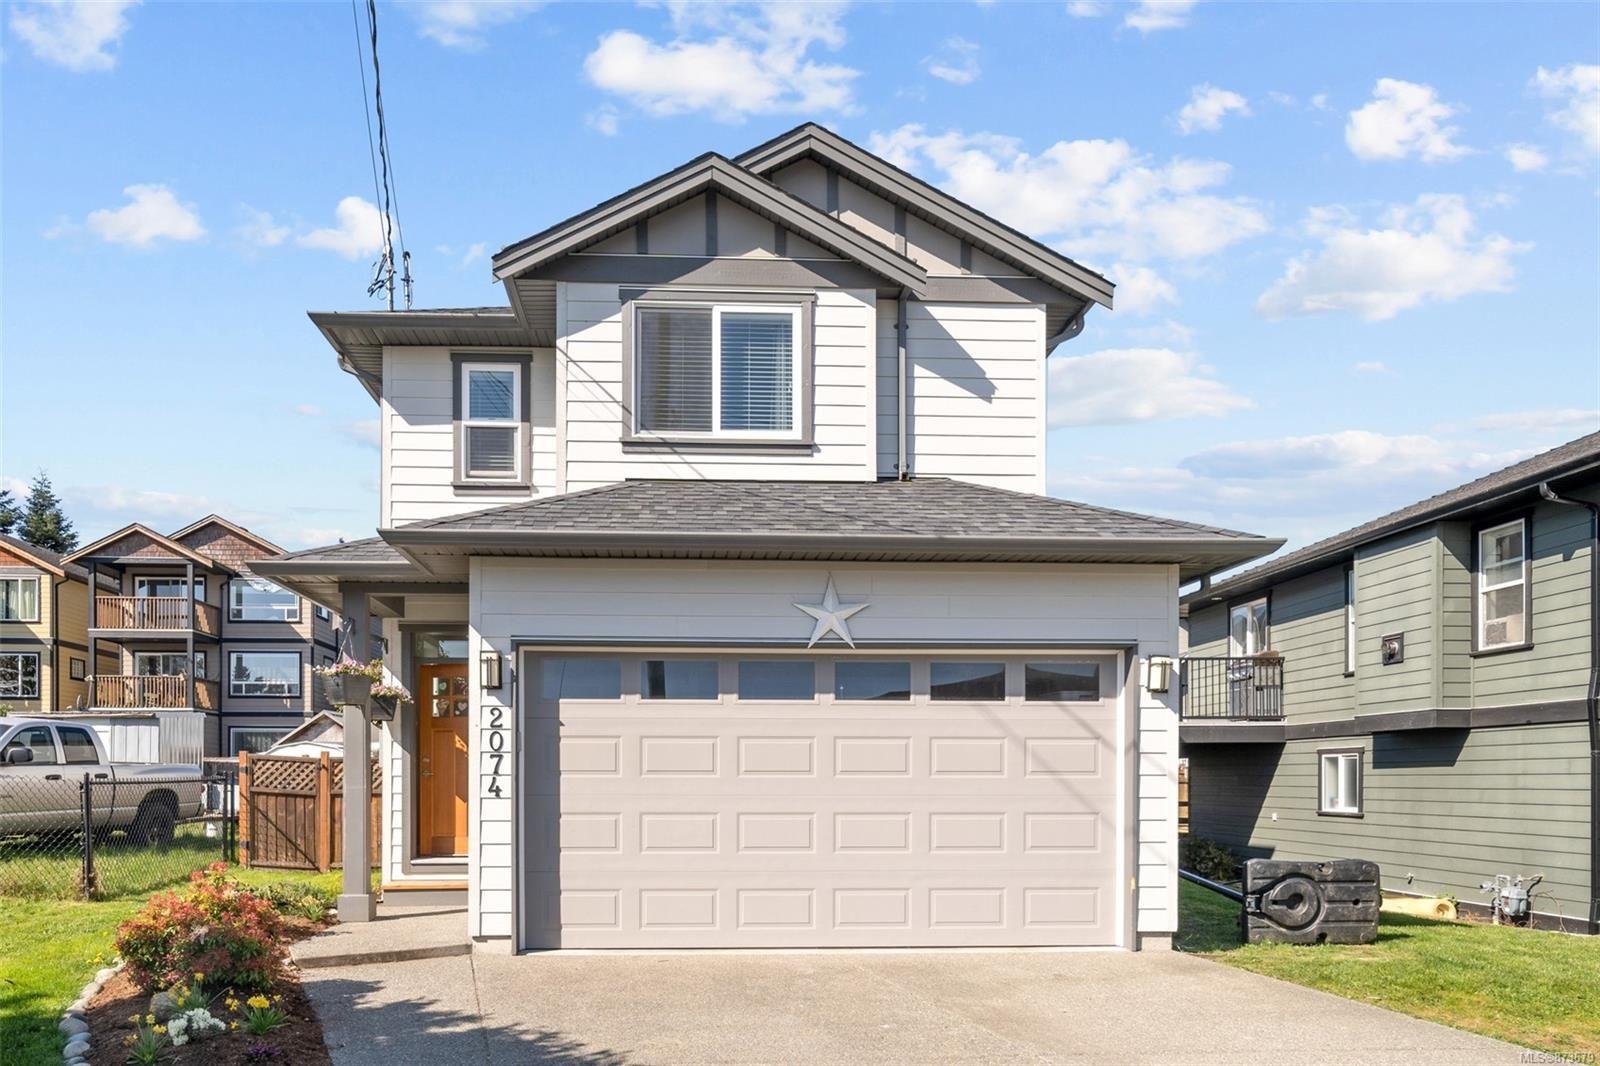 Main Photo: 2074 N Kennedy St in : Sk Sooke Vill Core House for sale (Sooke)  : MLS®# 873679